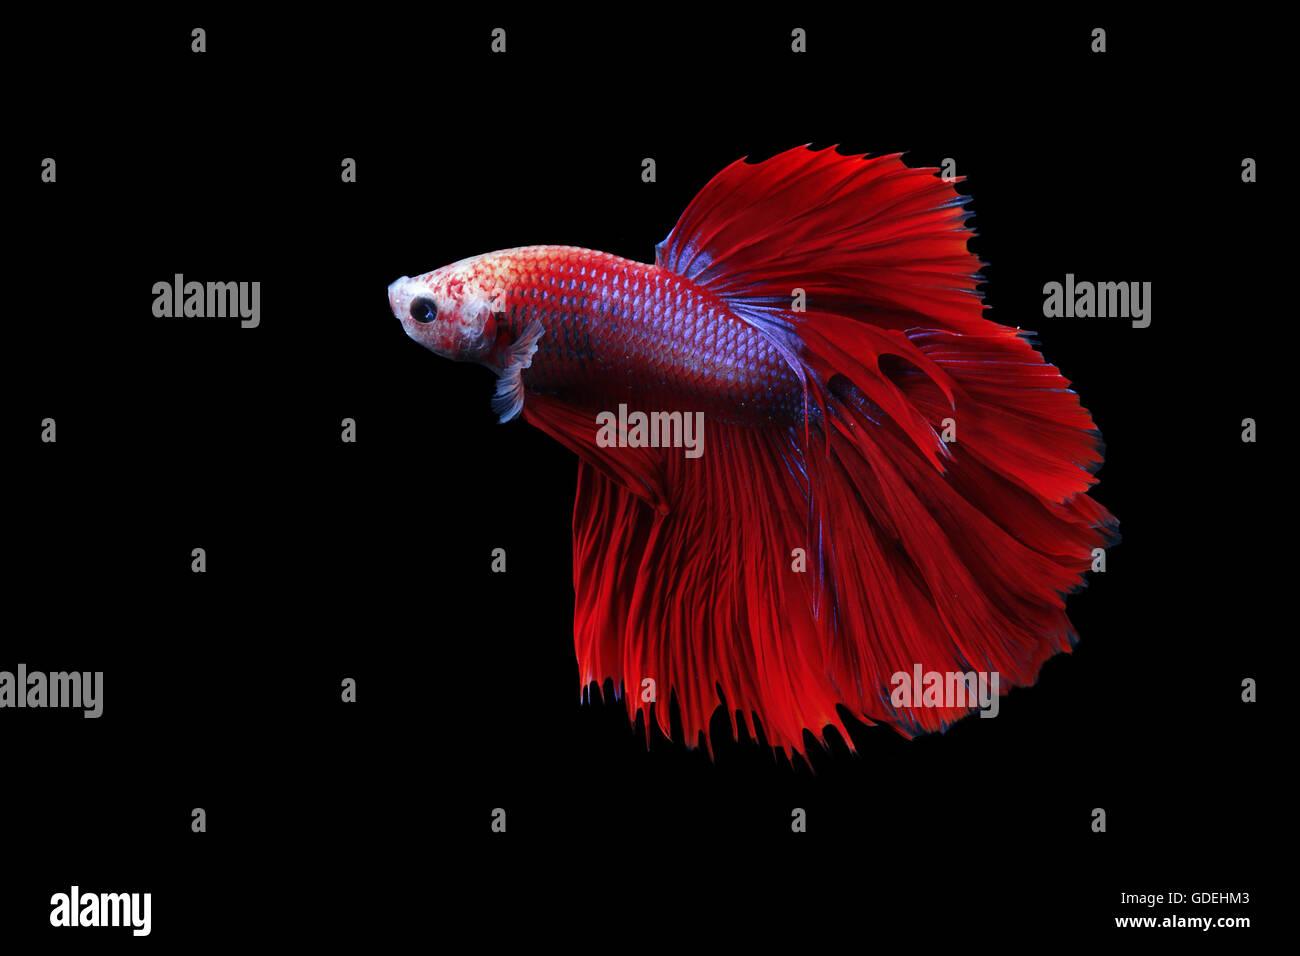 Siamese fighting fish (Betta splendens), Indonesia - Stock Image